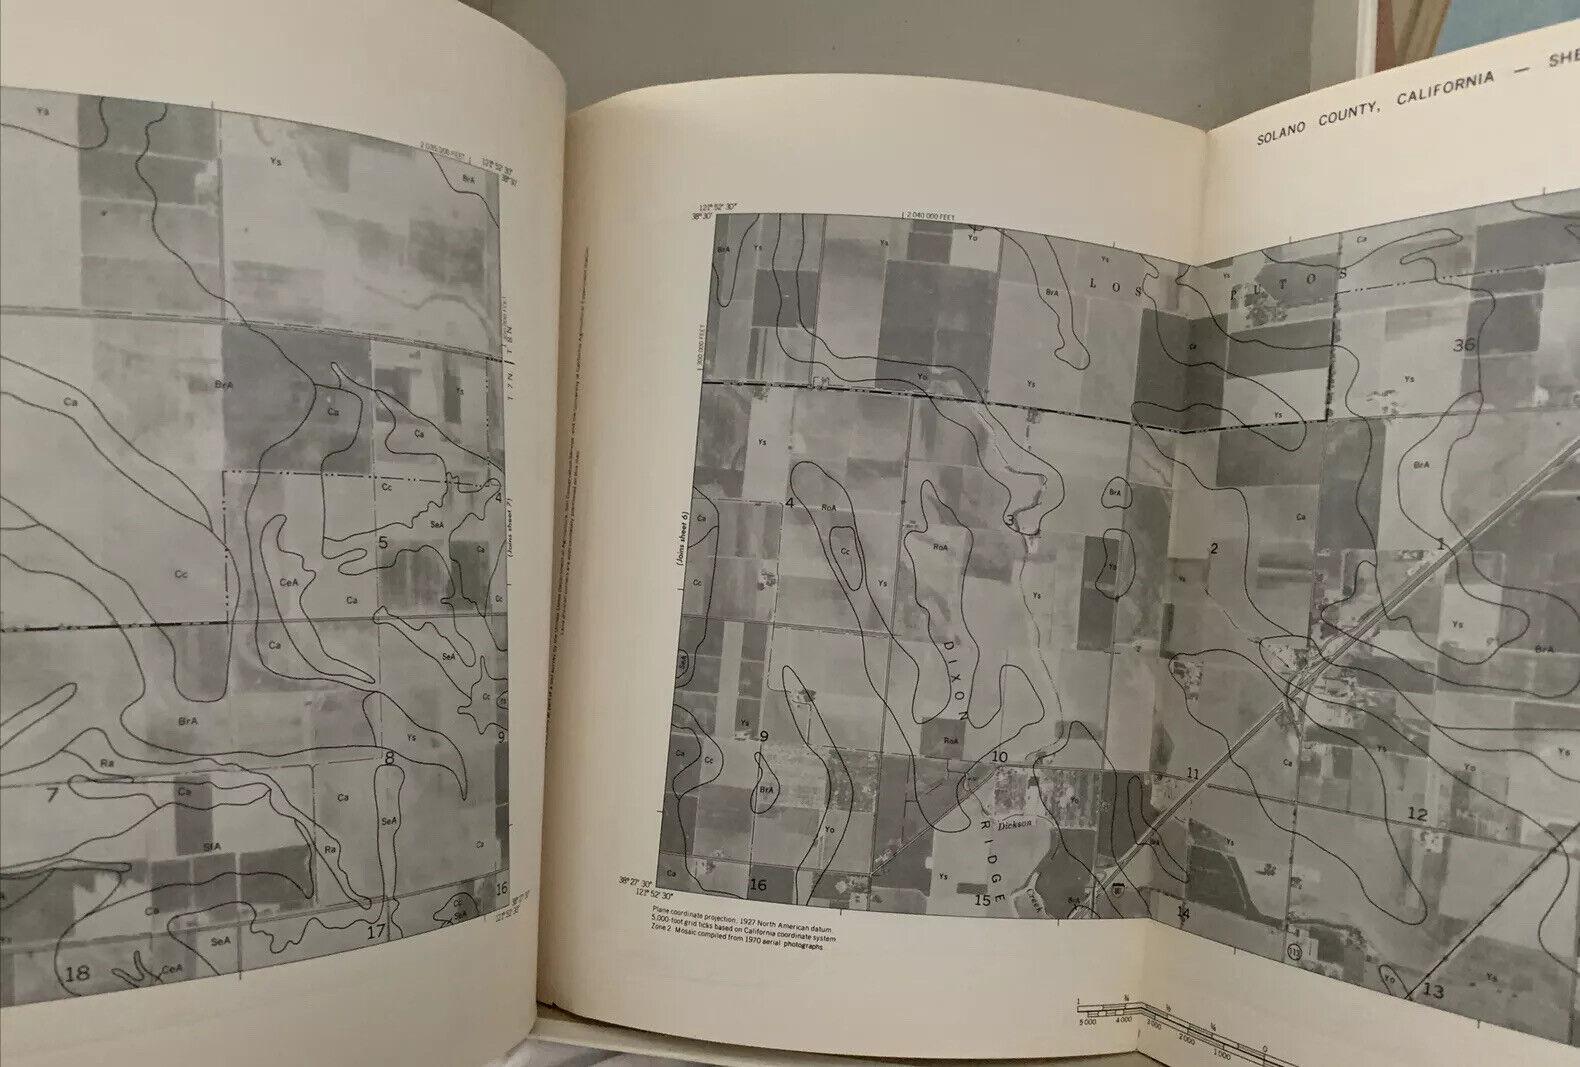 RARE BOOK~Soil Survey Solano County~1977~California~Land Use Maps Topography